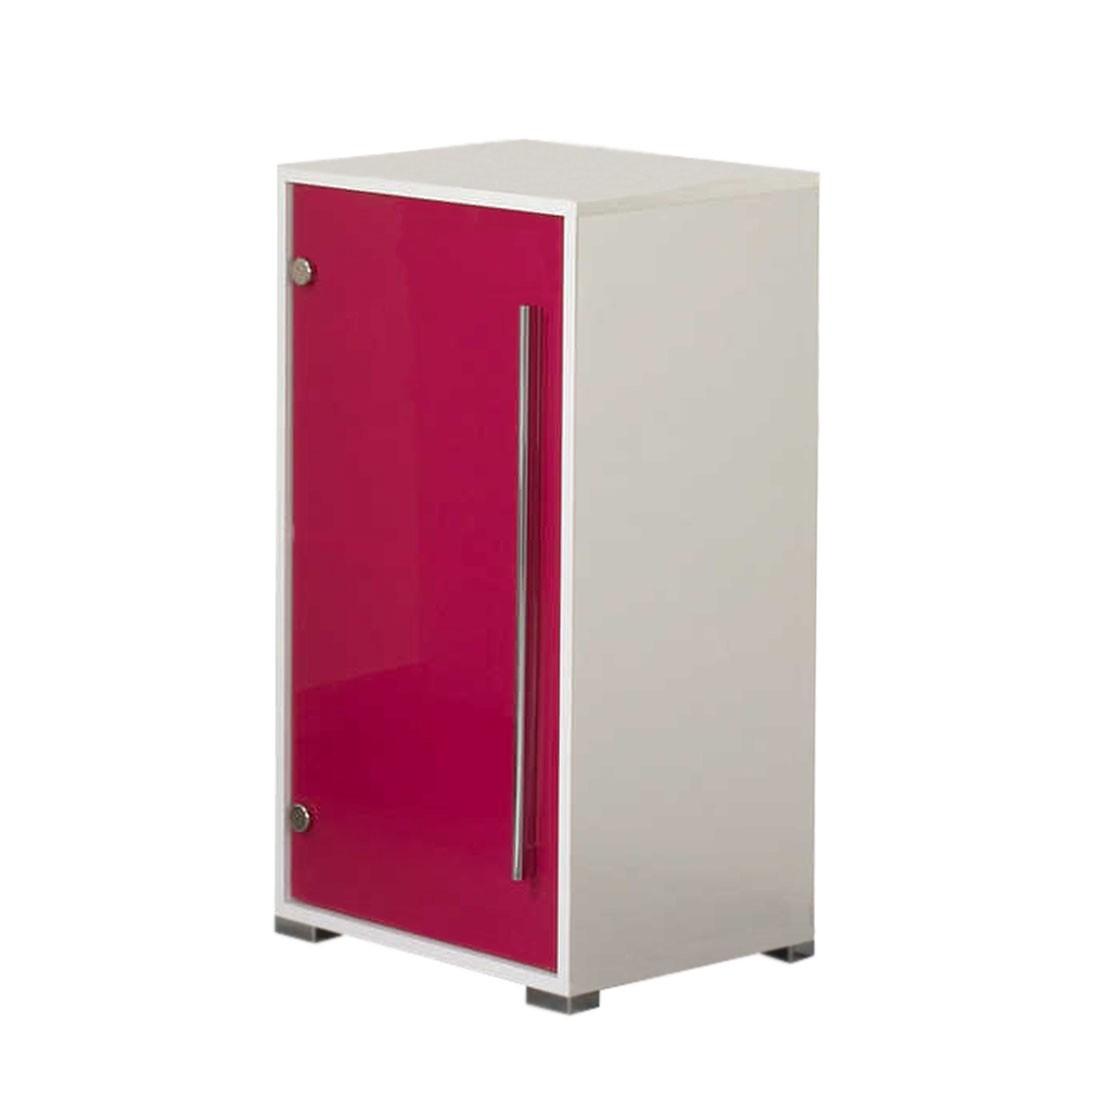 Unterschrank Brantford - weiß/pink